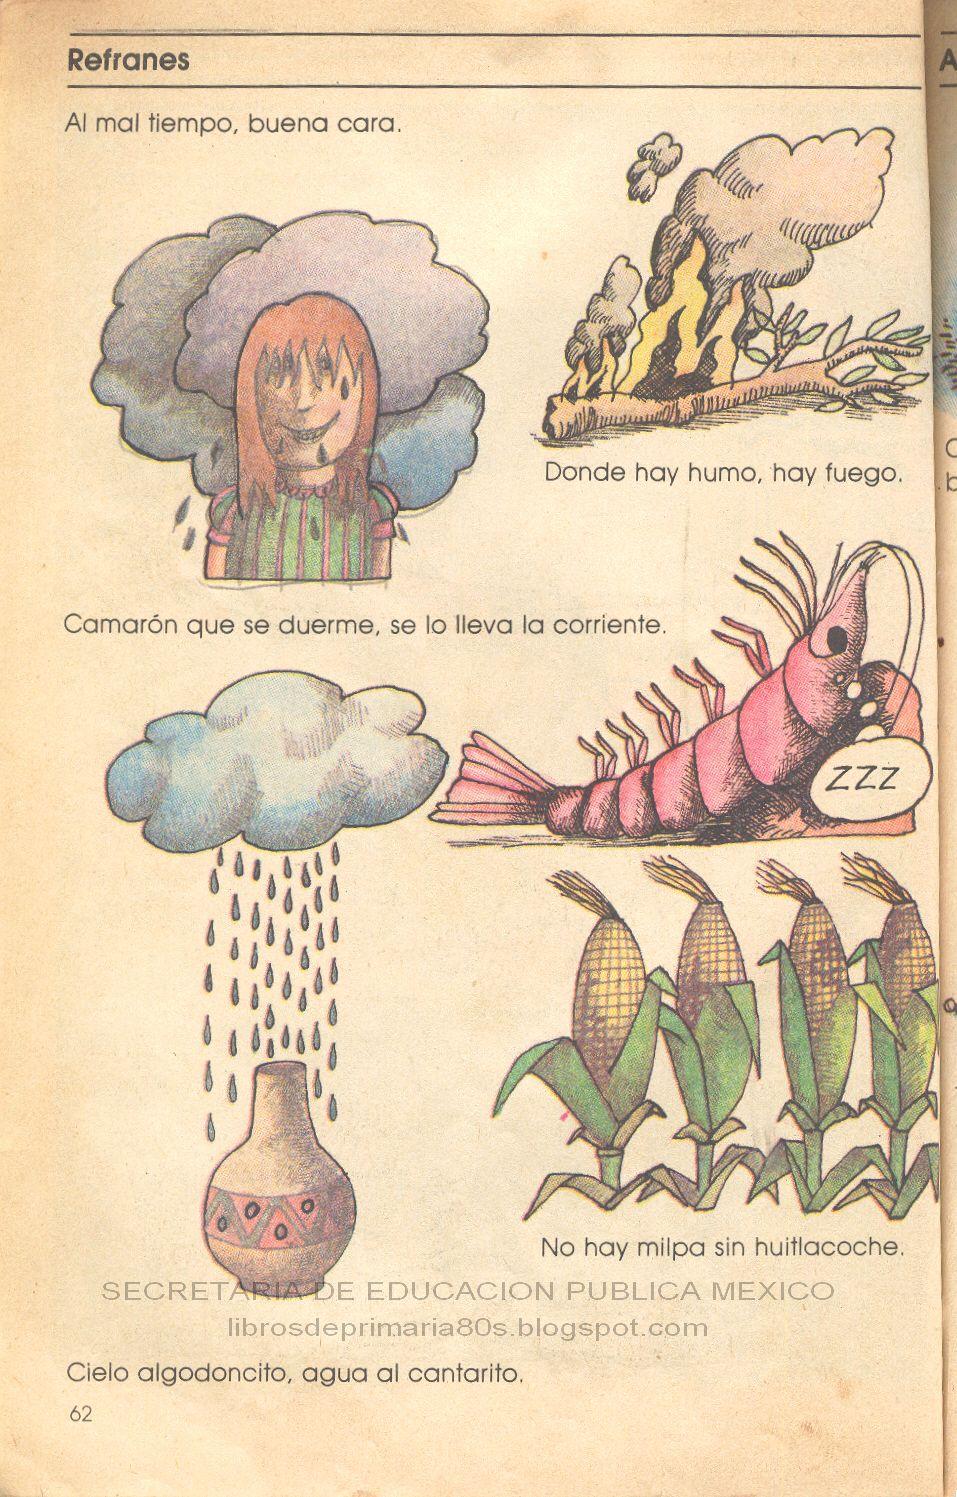 Artesanato Mdf Kit Higiene ~ Libros de Primaria de los 80's Refranes Español Lecturas 3er grado